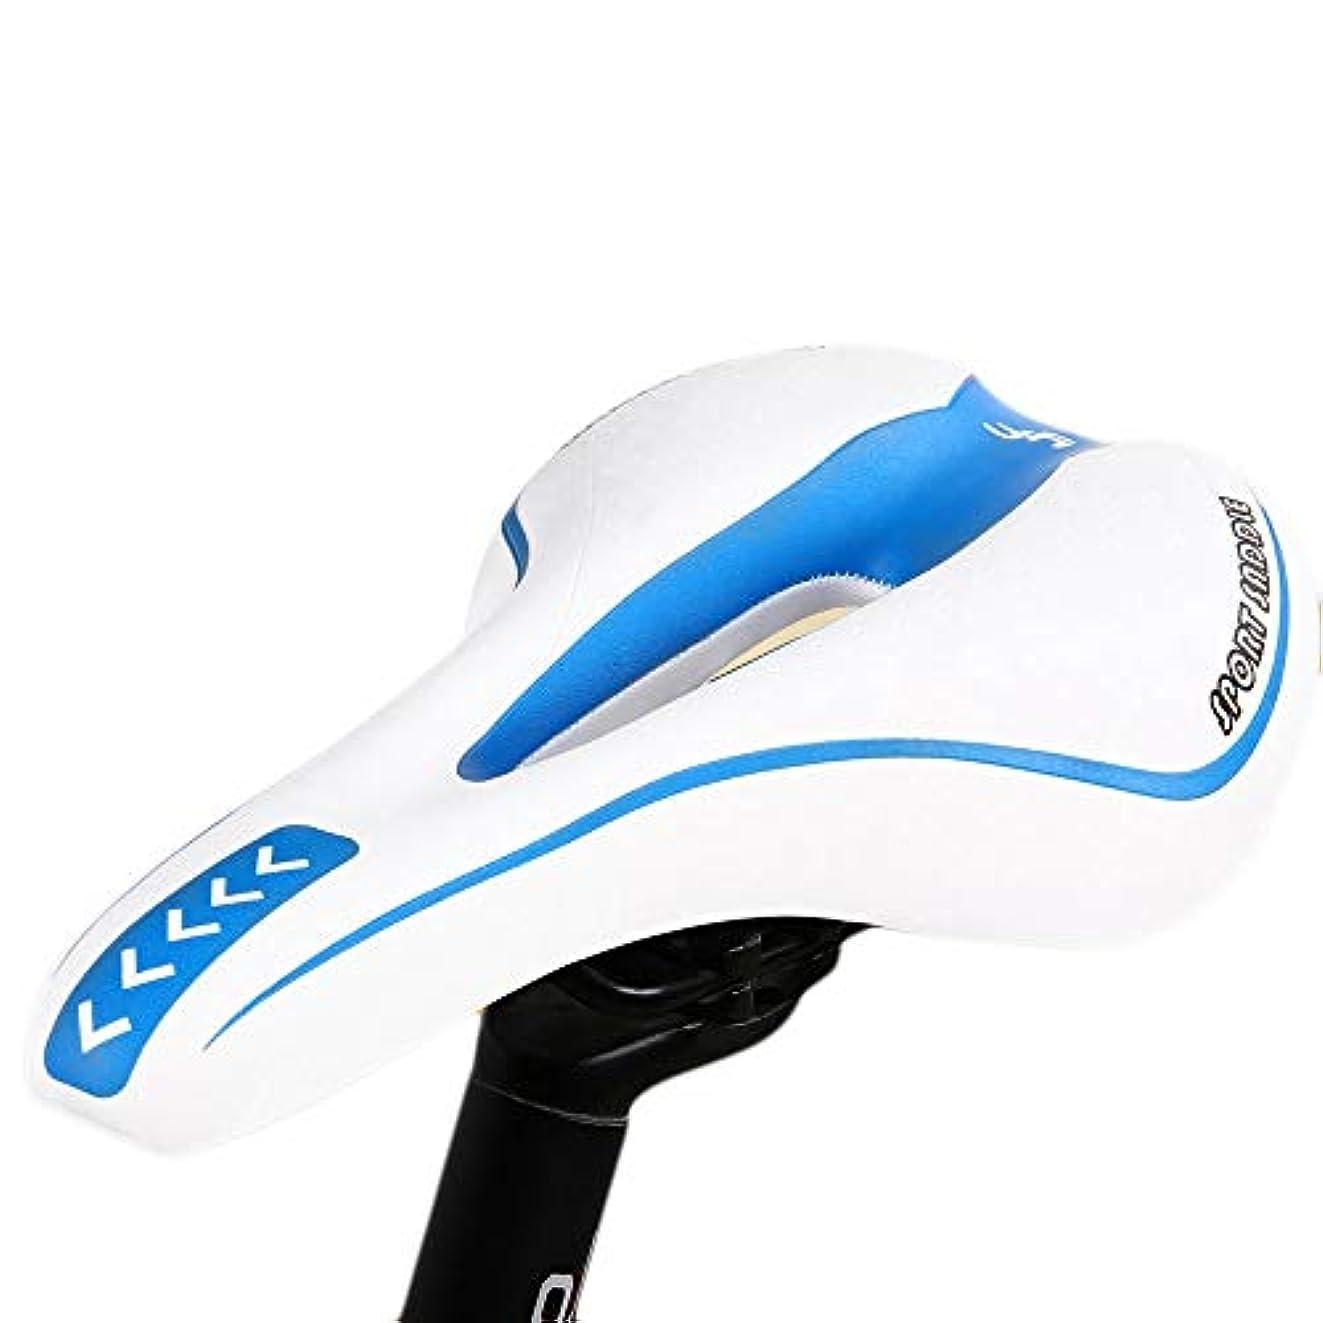 簿記係強います多数のYafeeスポーツバイクMtbサドルフロントシートマットクッション乗馬サイクリング用品